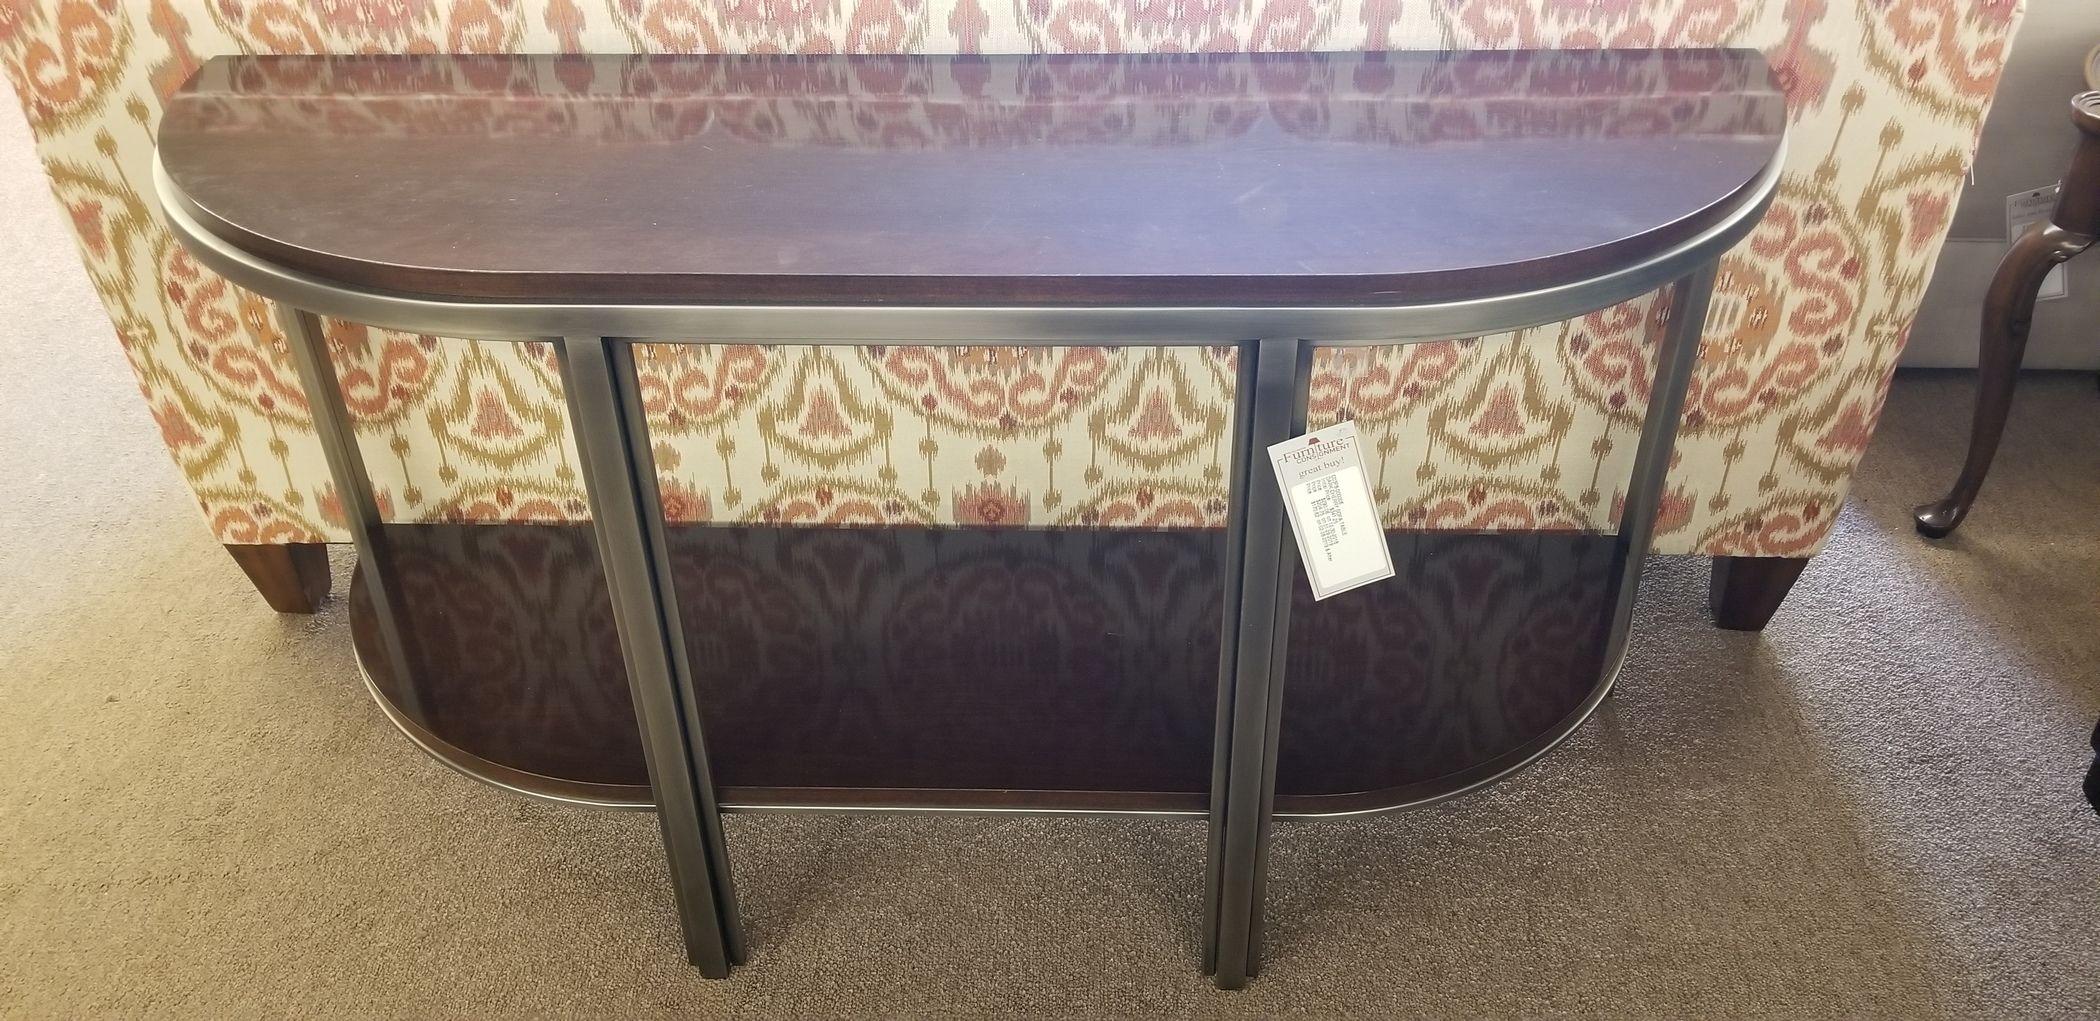 DARK CHERRY SOFA TABLE | Delmarva Furniture Consignment